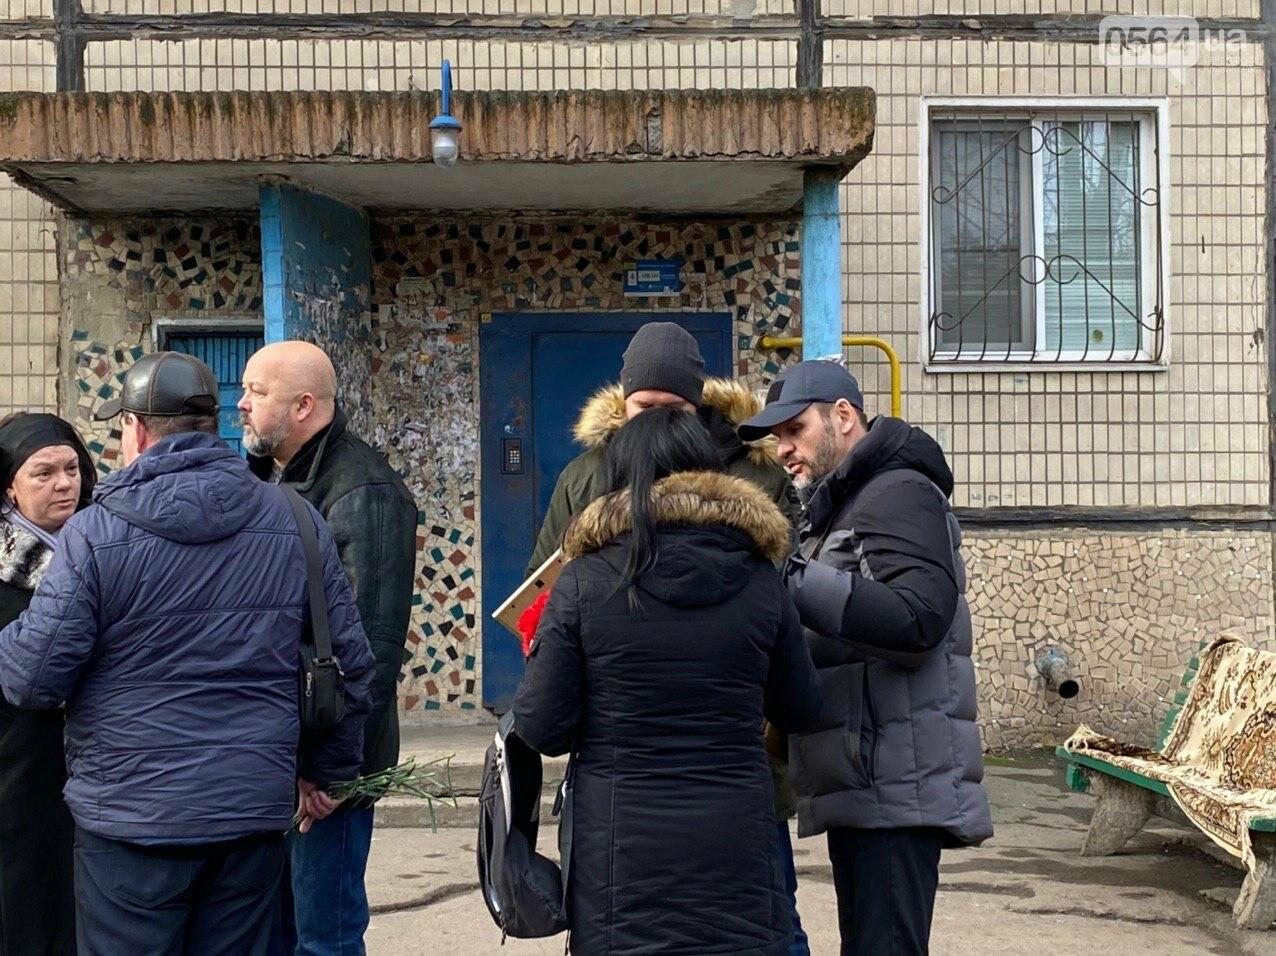 Кривой Рог прощается с патриотом - волонтером Андреем Садыло, - ФОТО, ВИДЕО, фото-17